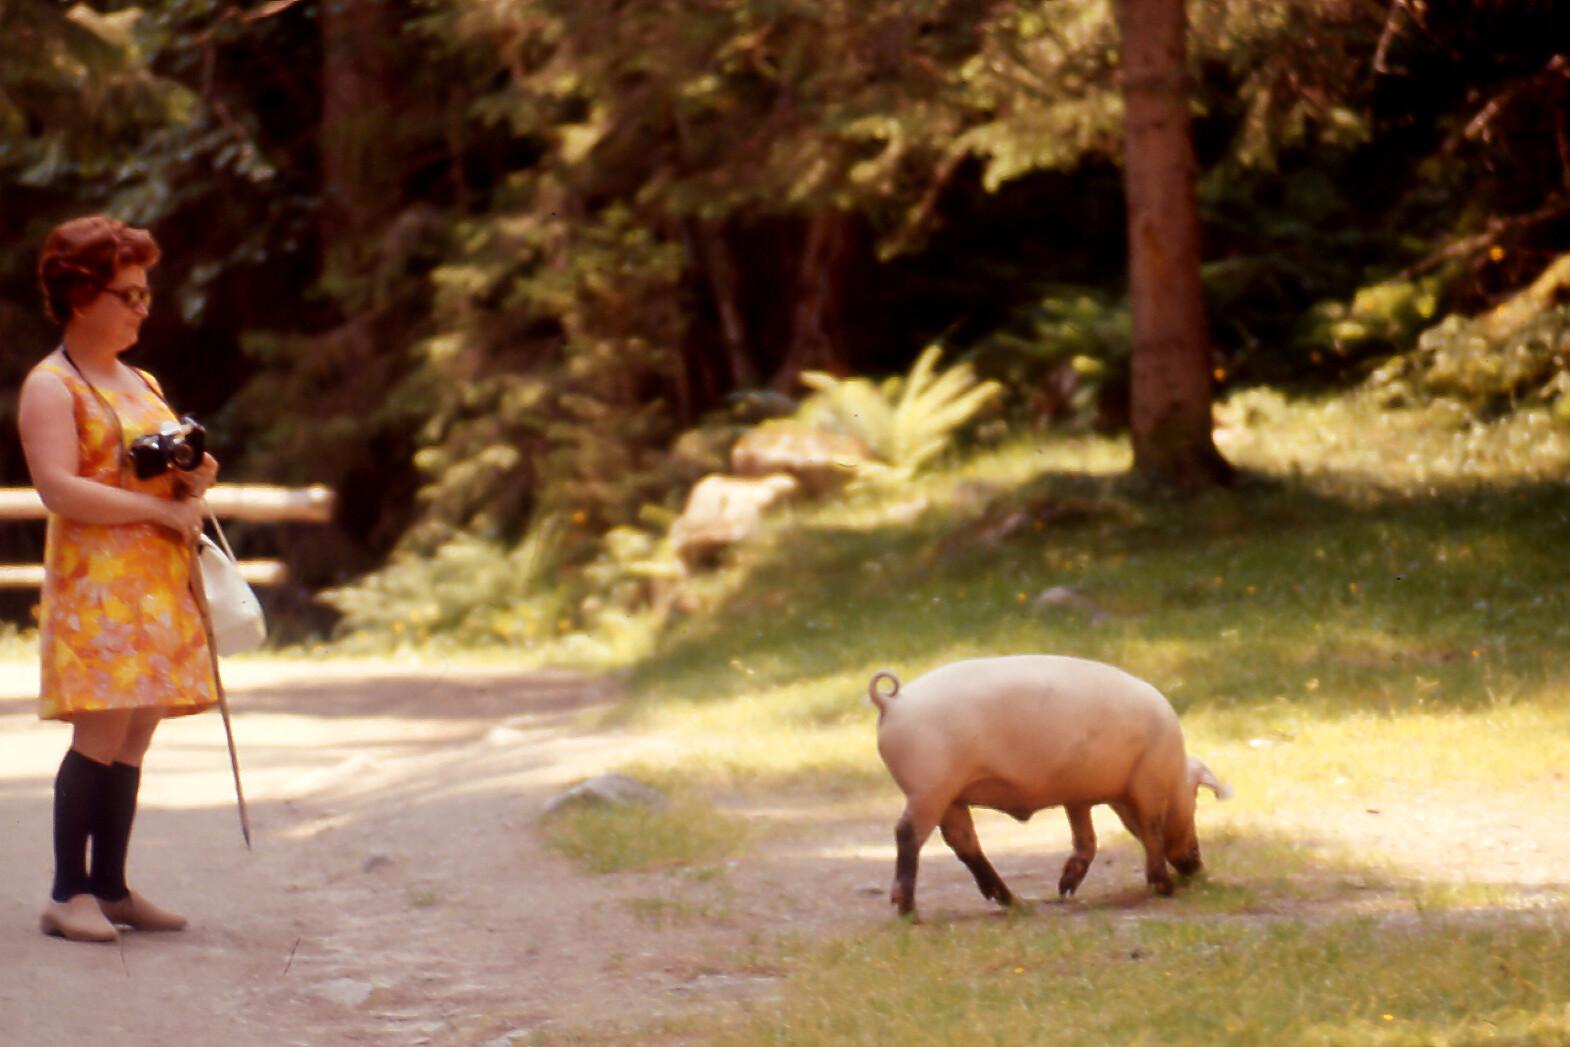 mamy et le cochon